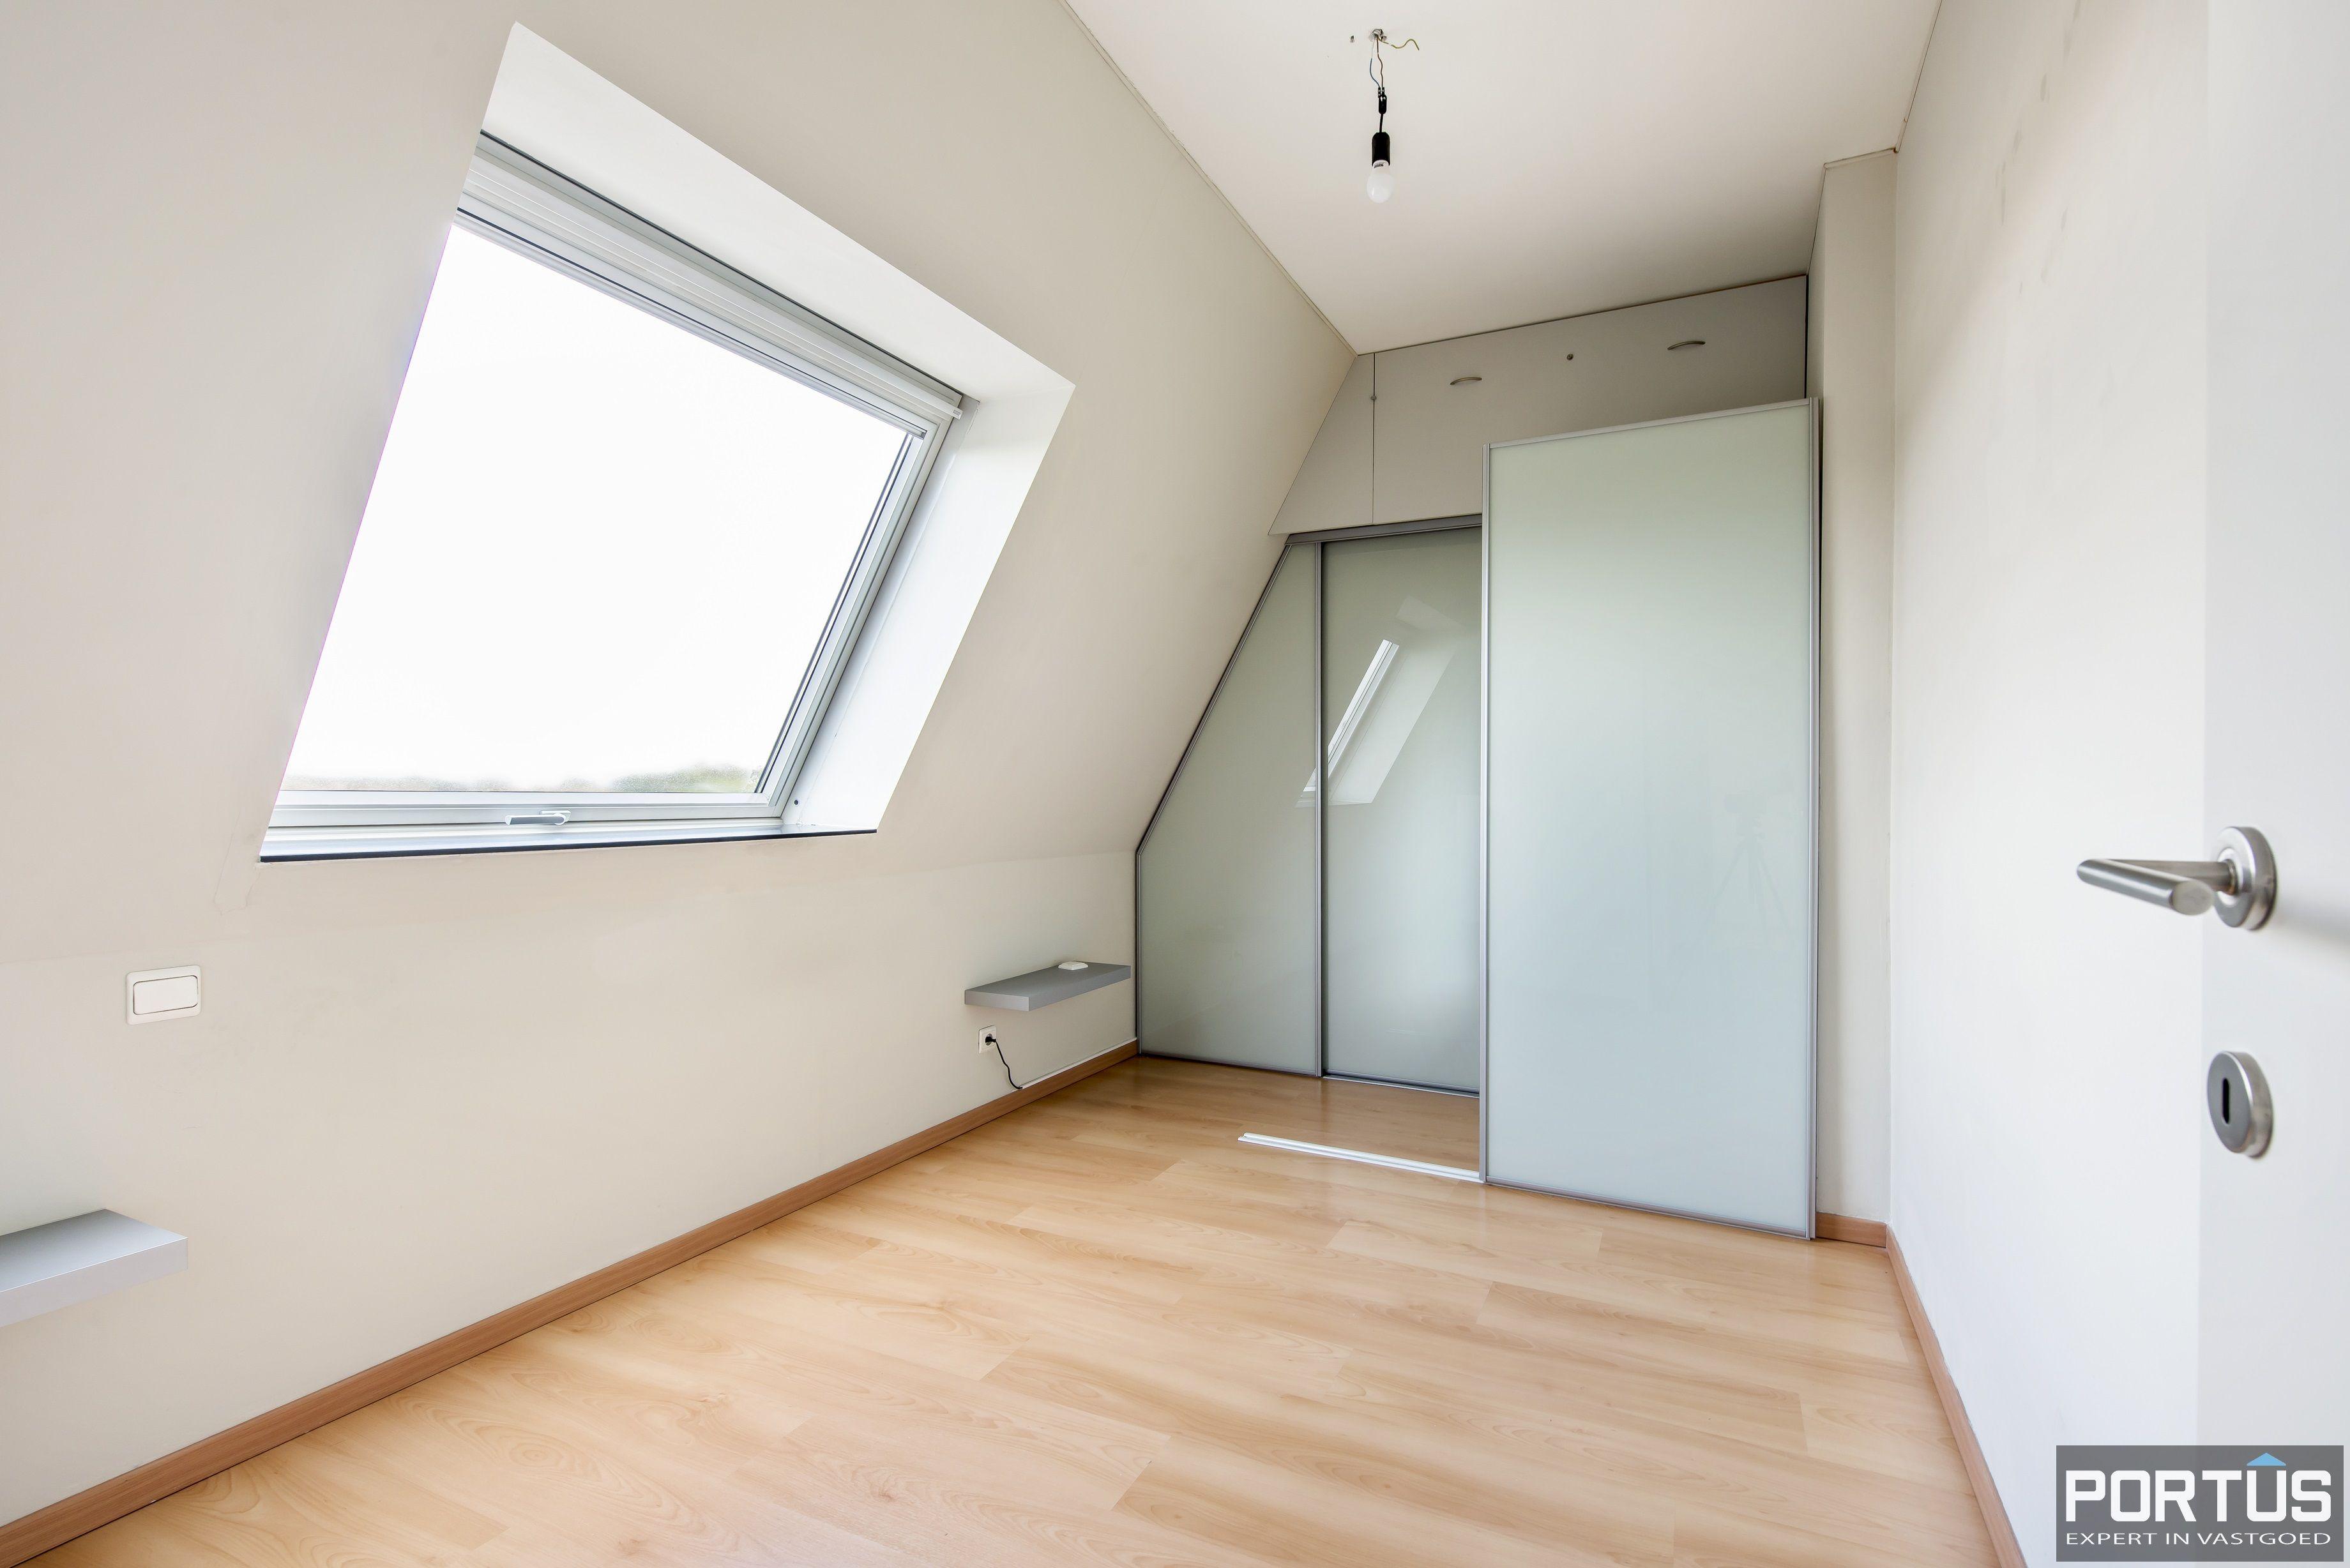 Instapklaar zongericht appartement met 2 slaapkamers te koop in Nieuwpoort - 10022